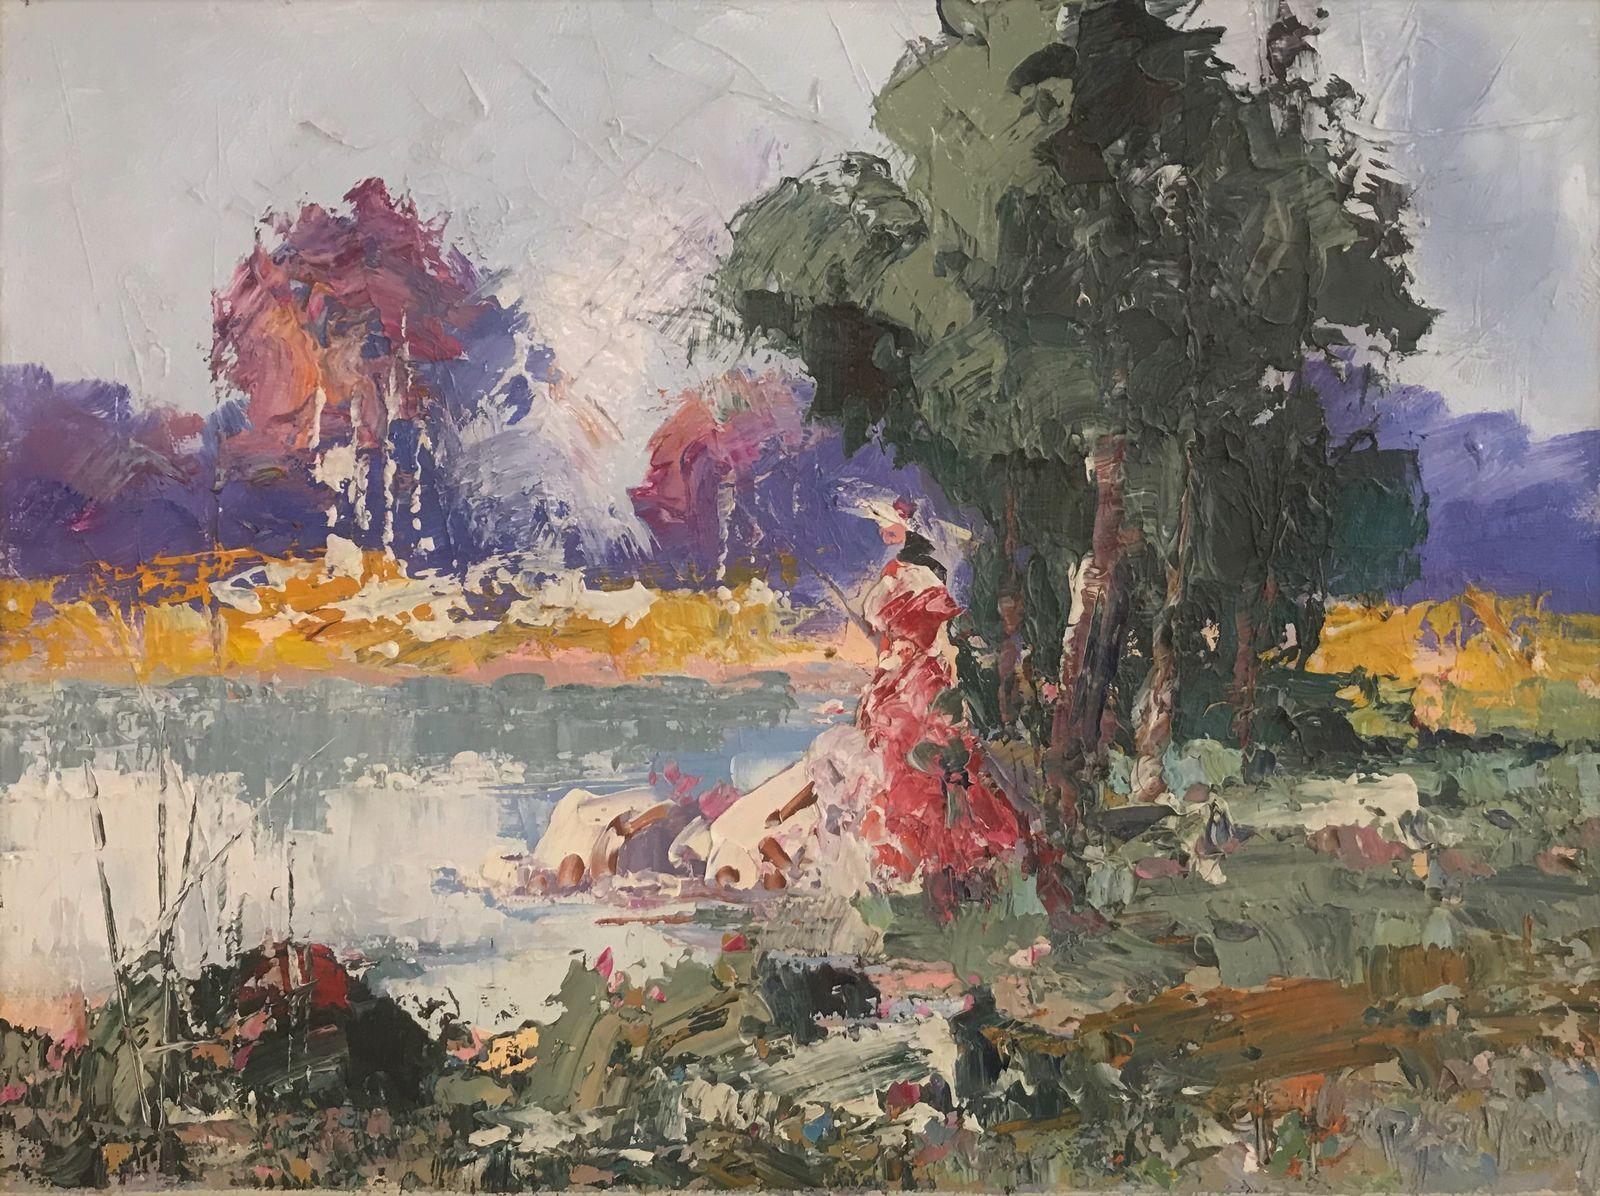 Φανή Παρλαπάνη 30×40 εκ. Λάδια σε καμβά Fani Parlapani 30×40 cm Oils on canvas (3)